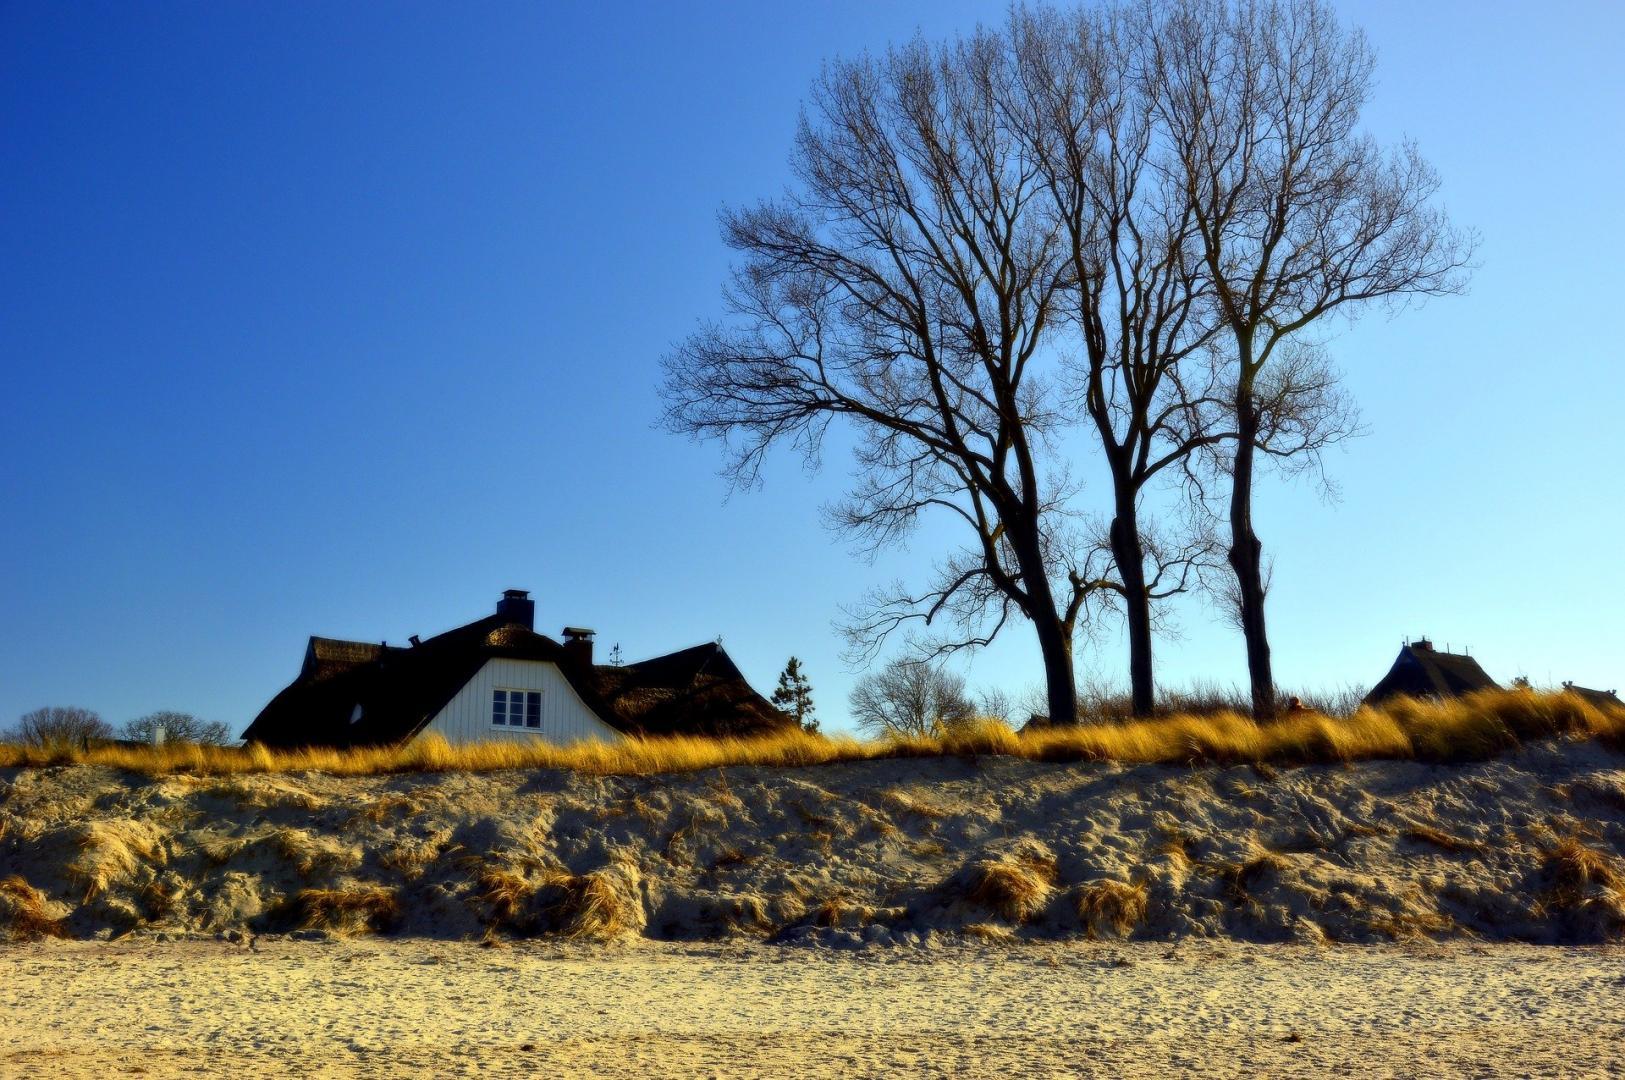 Abbildung 3: Wer sich seiner Liebe zur Ostsee sicher ist, könnte sich auch dort um eine Ferienimmobilie bemühen. Wer lieber einige Jahre an der Ostsee Urlaub macht und dann zum Wattwandern an die Nordsee möchte, sollte besser in einen Wohnwagen investieren. An beiden Orten – sowohl an der Ostsee als auch an der Nordsee – gilt das deutsche Steuerrecht, wenn sich die Immobilie in Deutschland befindet.